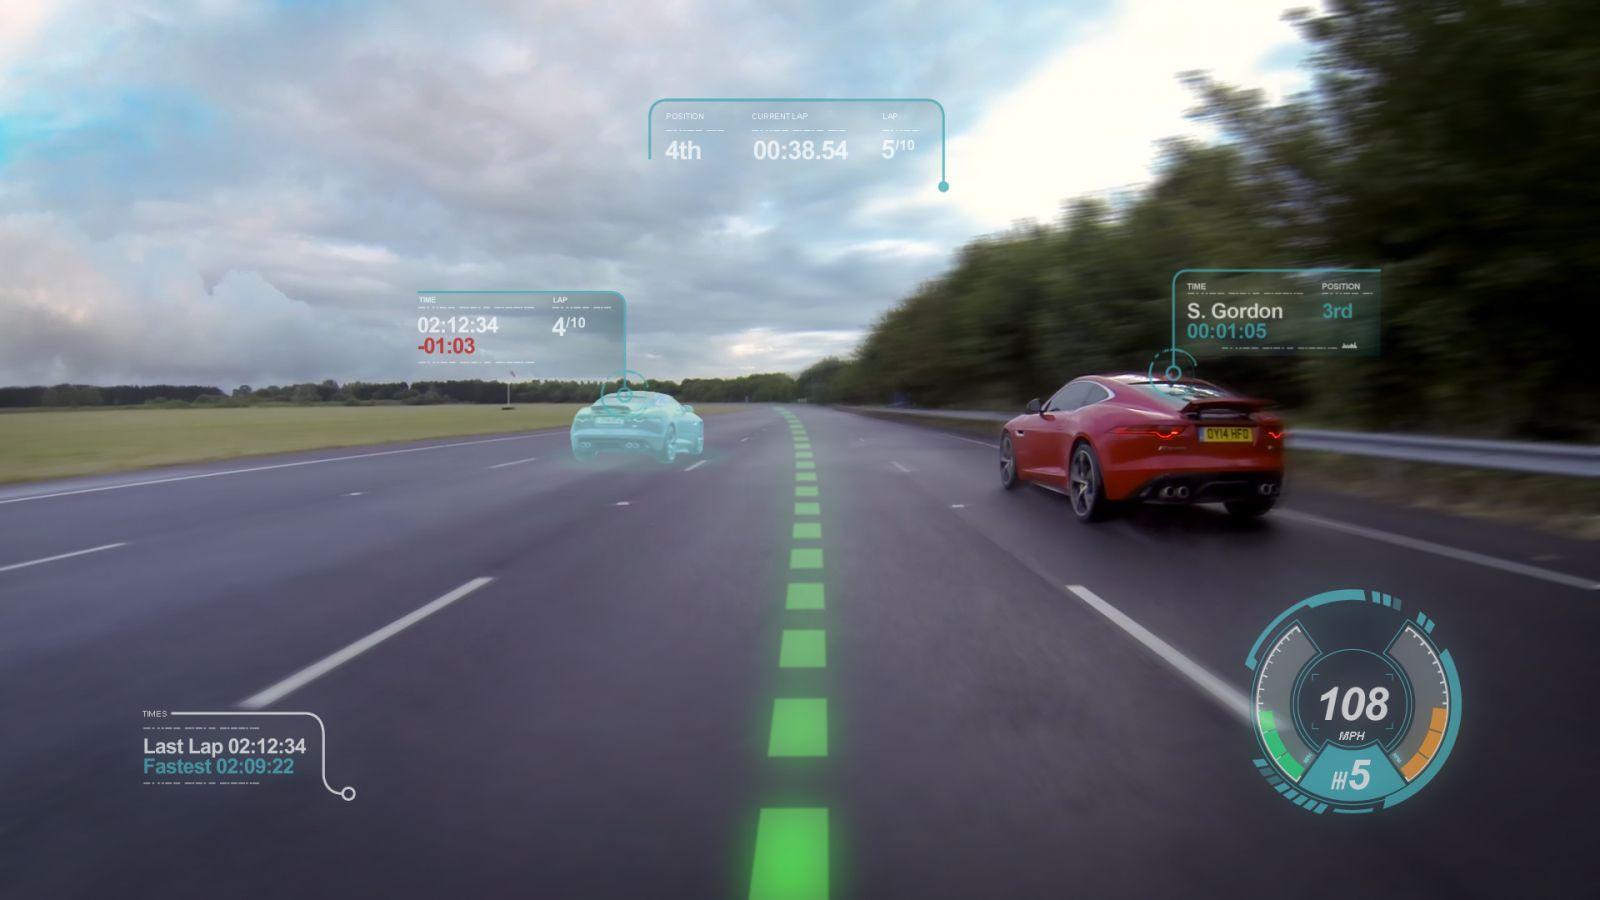 İngiltere, Otonom Araç Teknolojisine Yolu Açtı